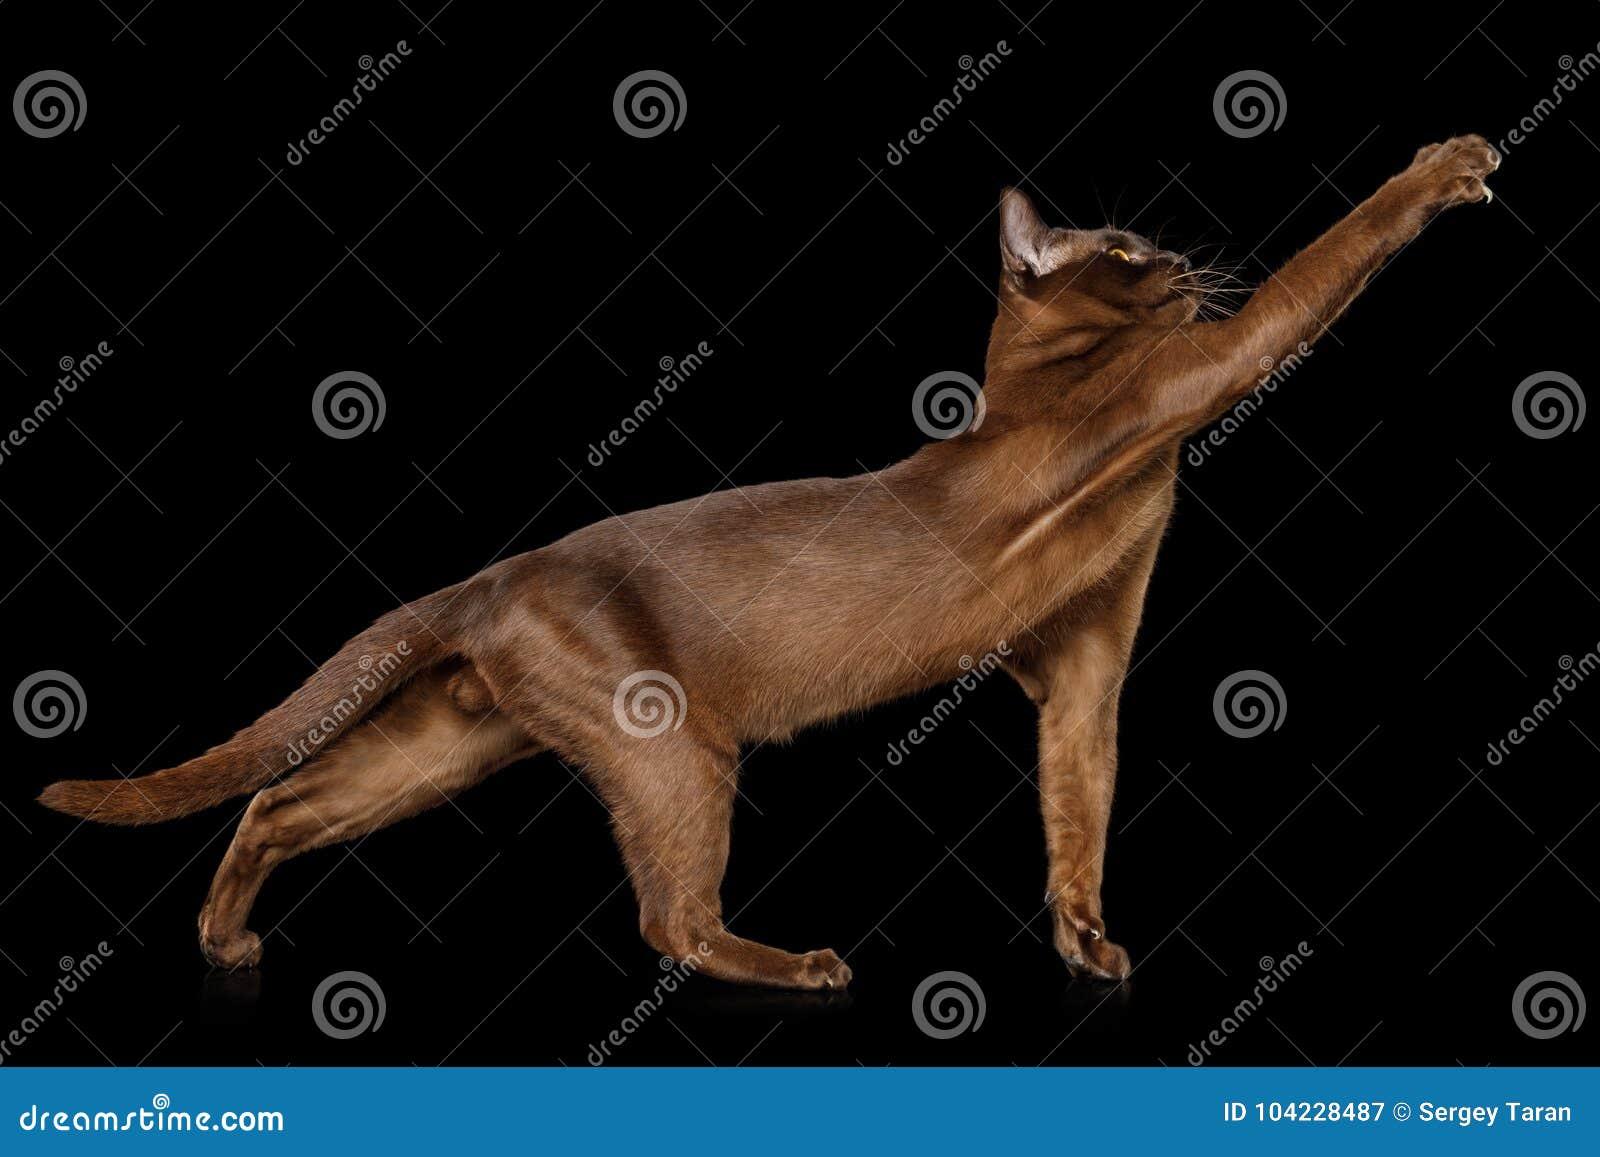 Burmese Cat isolated on black background